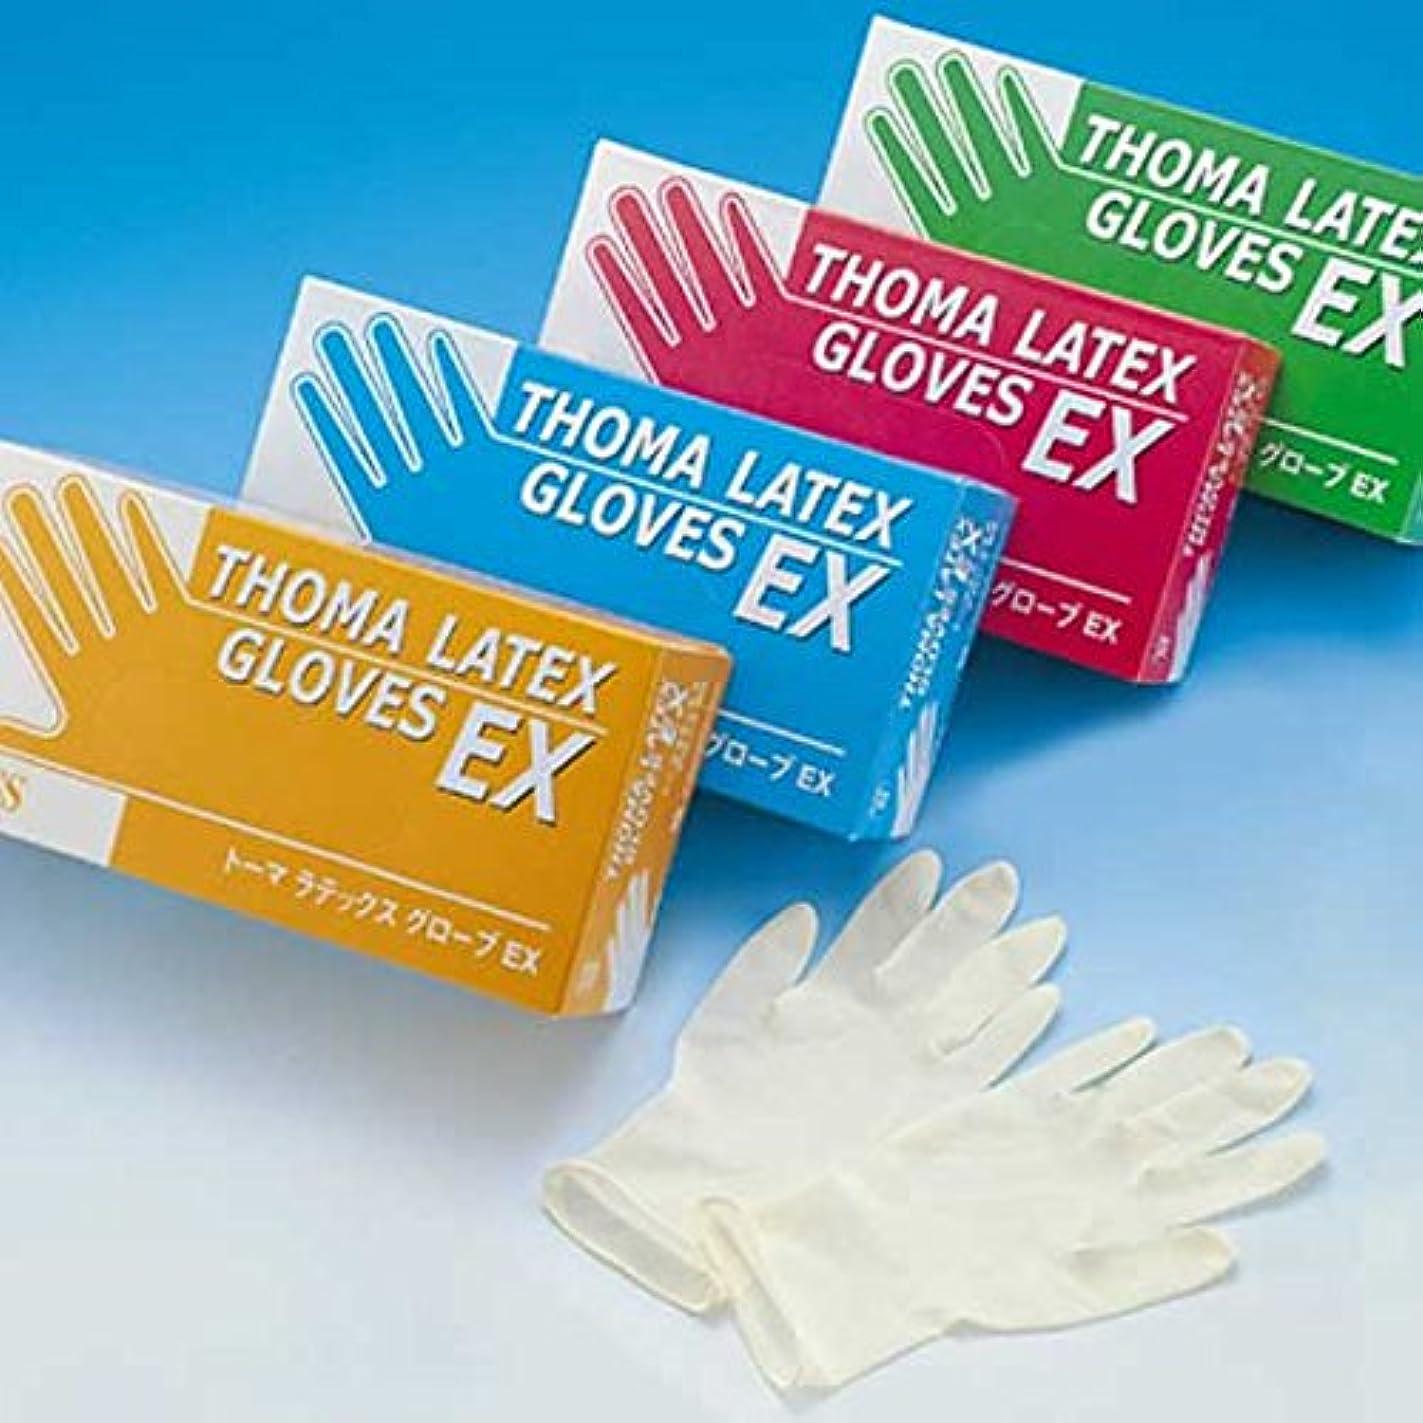 トーマラテックス手袋EX 天然ゴム 使い捨て手袋 粉つき2000枚 (100枚入り×20箱)まとめ買い (SS)